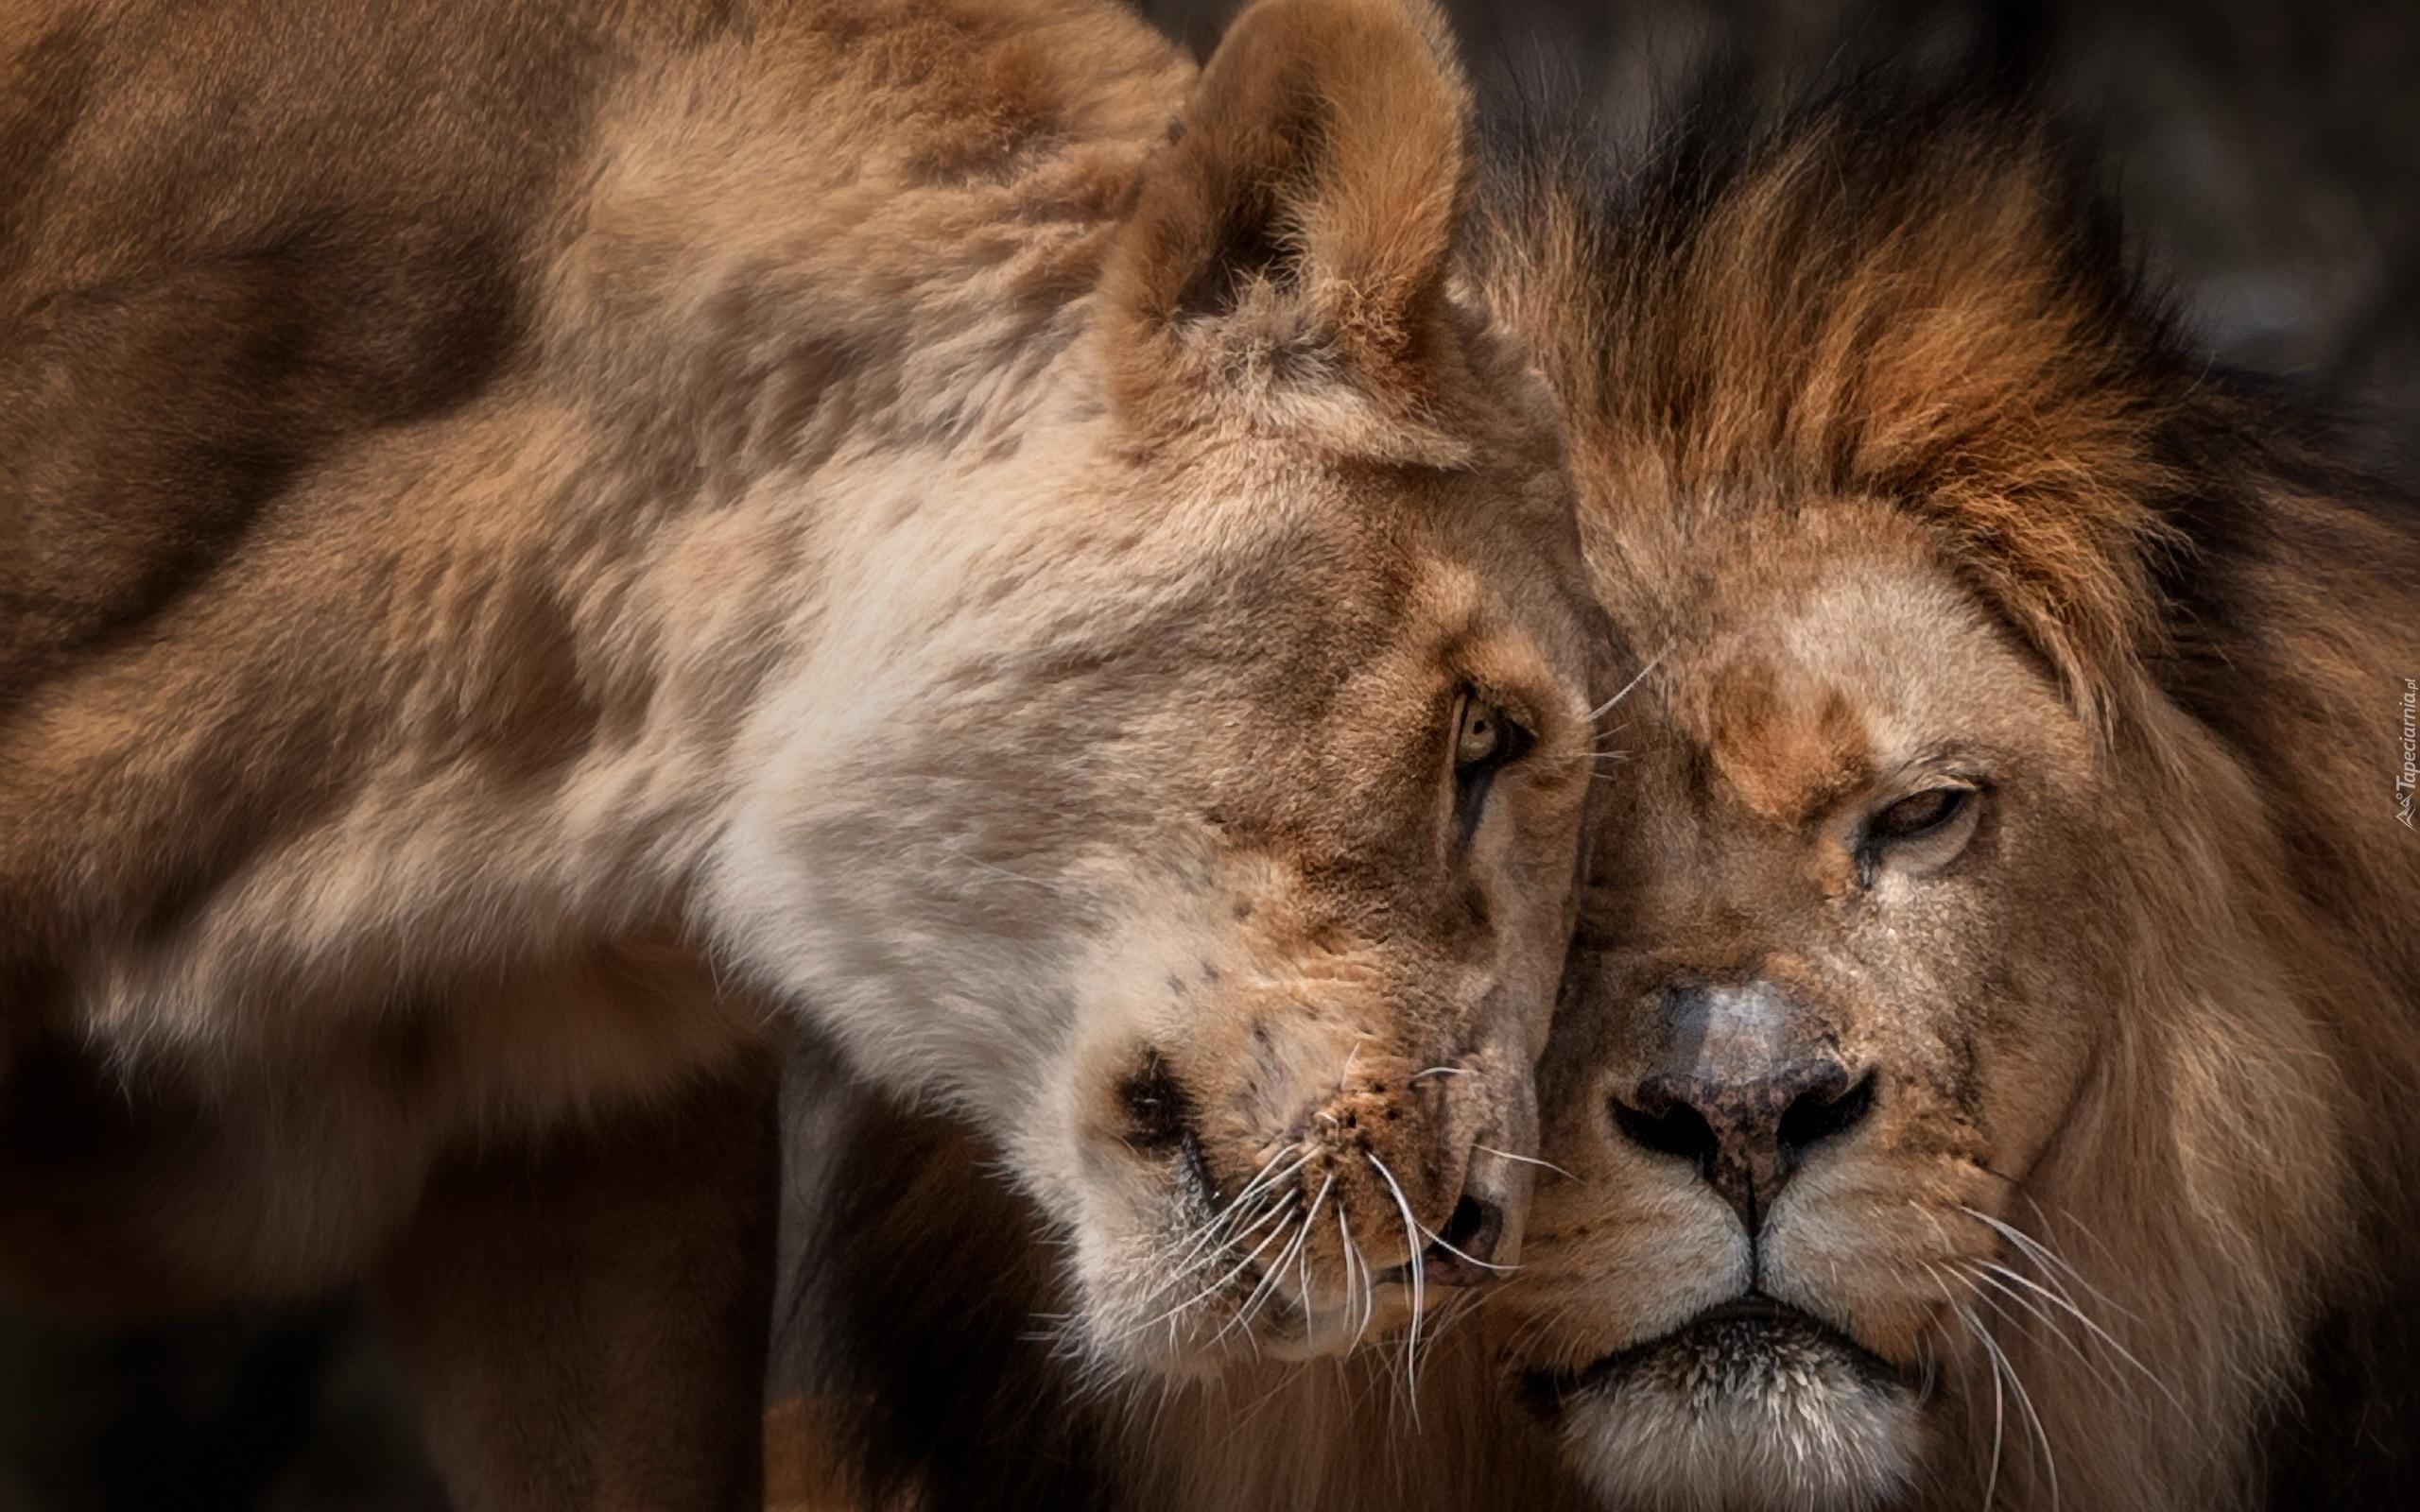 красивая пара львов картинки в хорошем качестве поддержку знаменитой матери